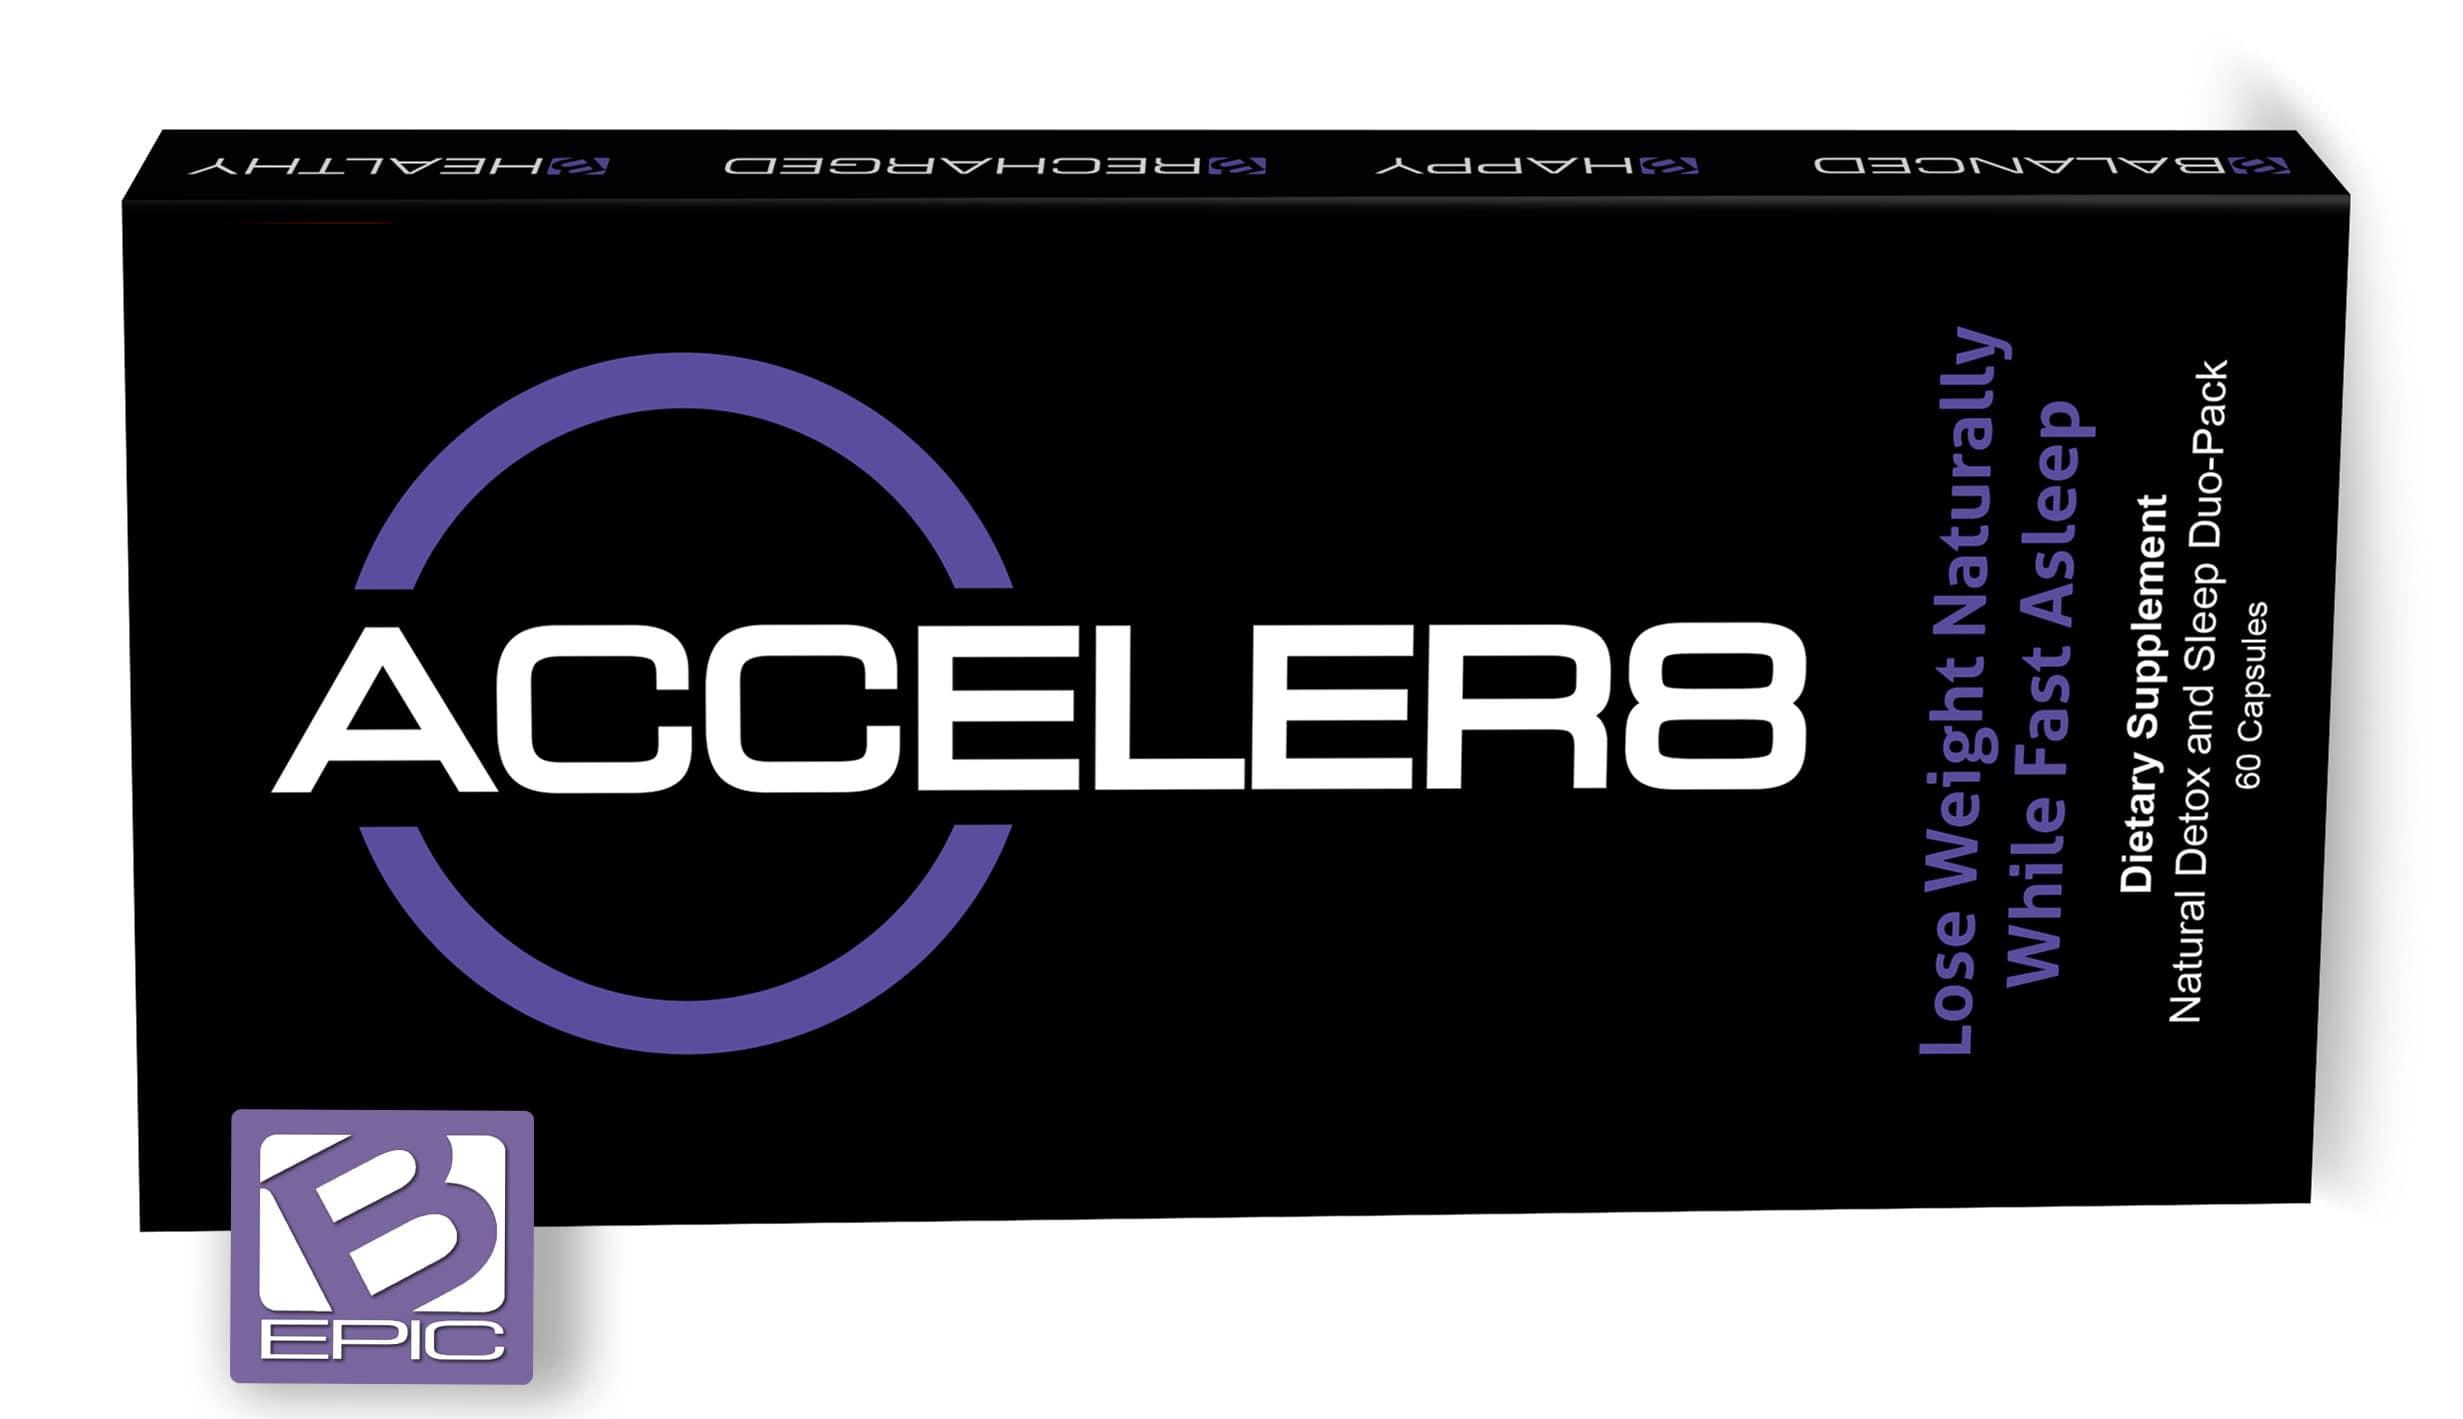 Acceler8 bepic